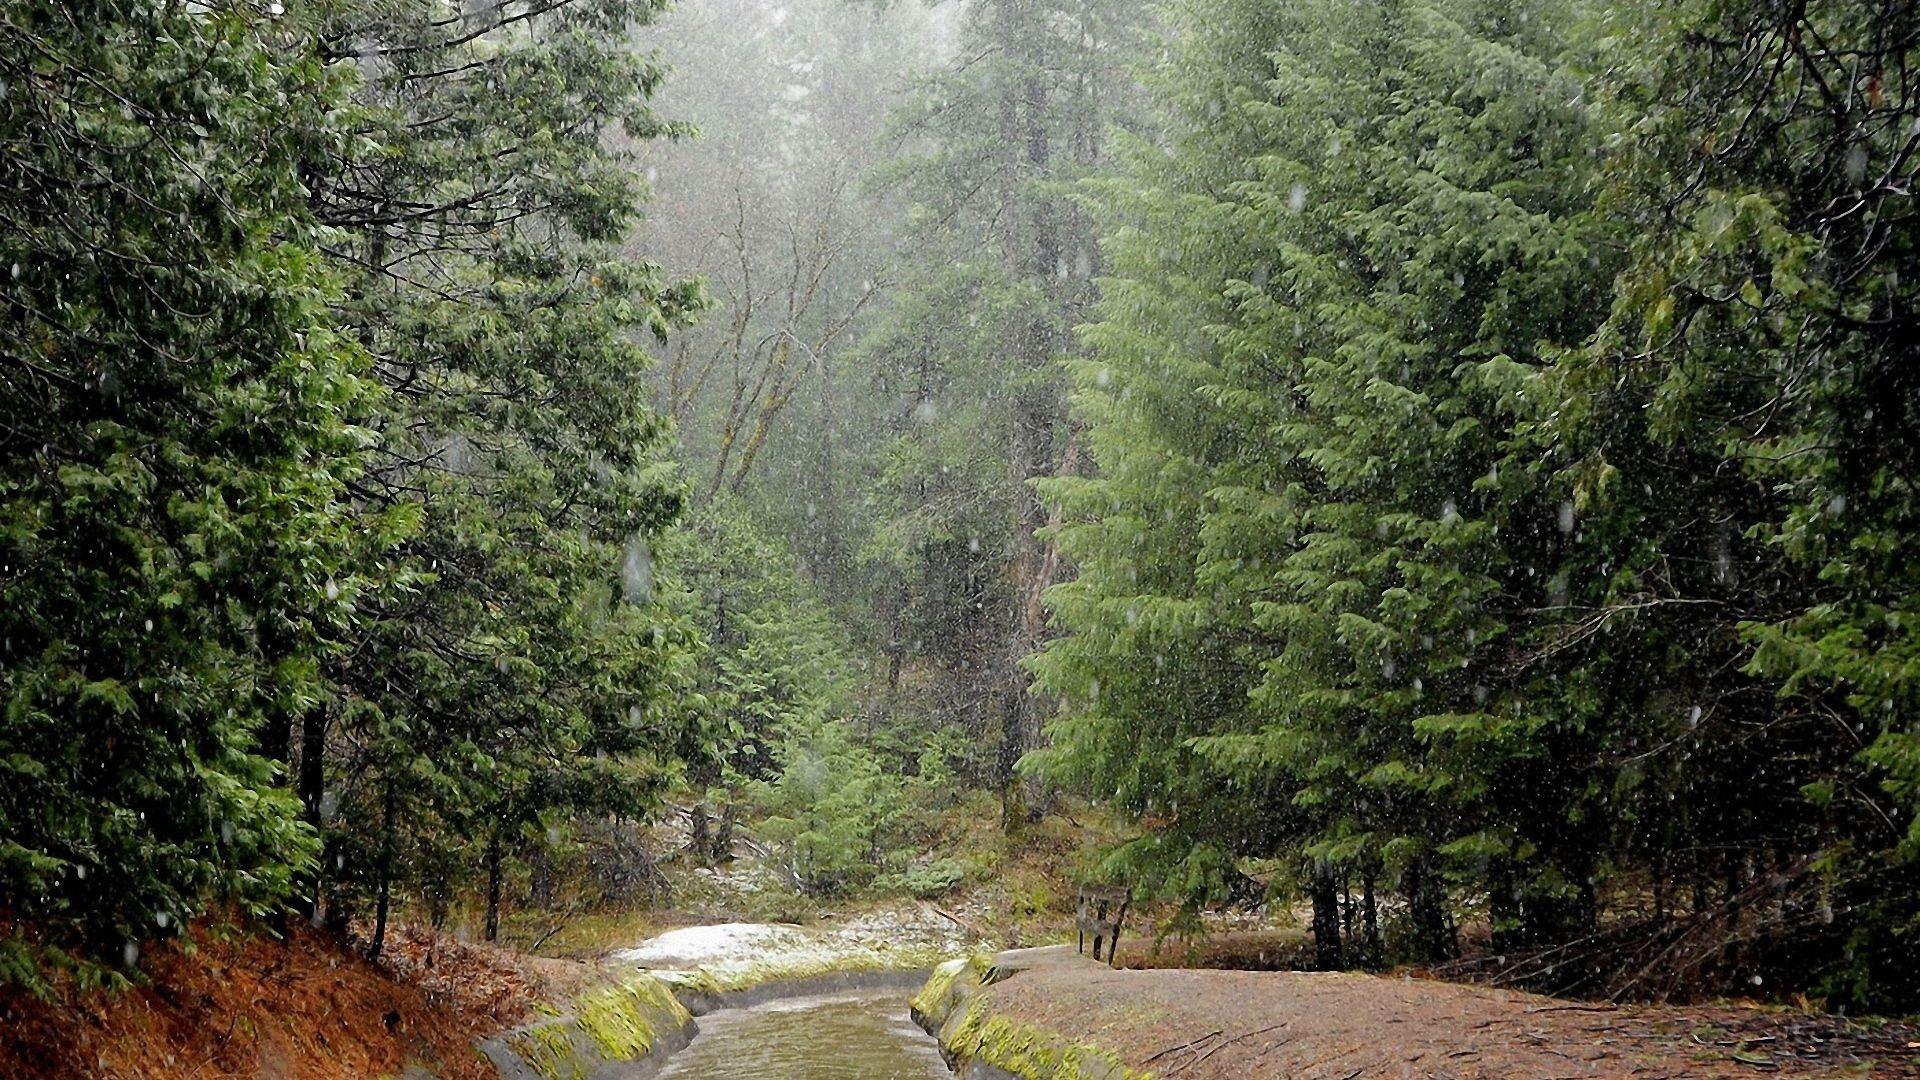 формирование переформирование дождь в лесу обои и картинки мой